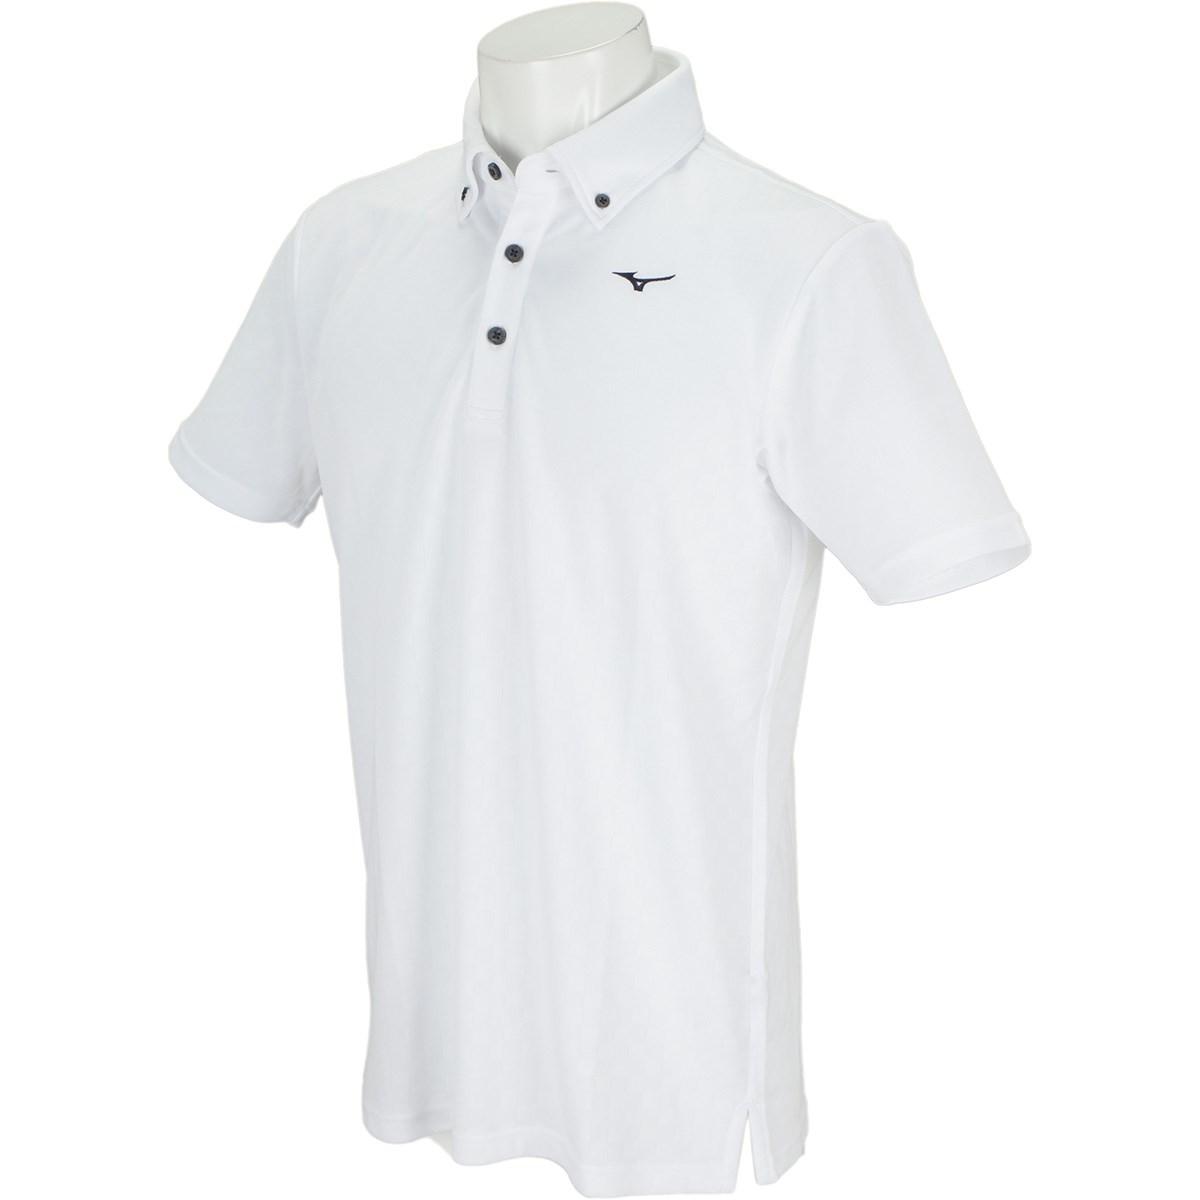 ミズノ MIZUNO GDO×MIZUNO 格子柄半袖ボタンダウンシャツ M ホワイト 01